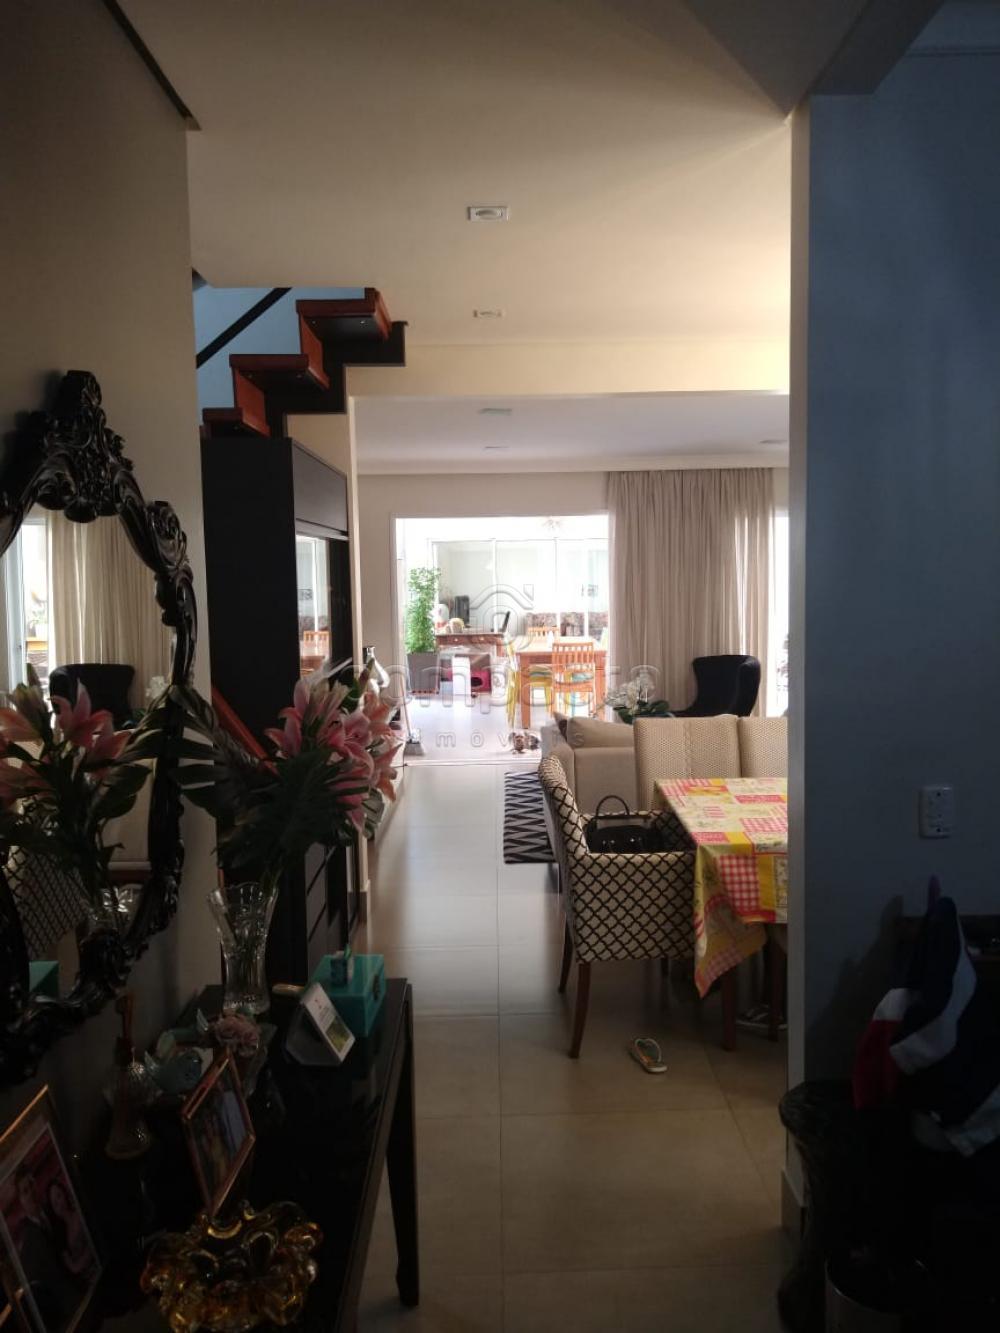 Comprar Casa / Condomínio em São José do Rio Preto apenas R$ 1.070.000,00 - Foto 2